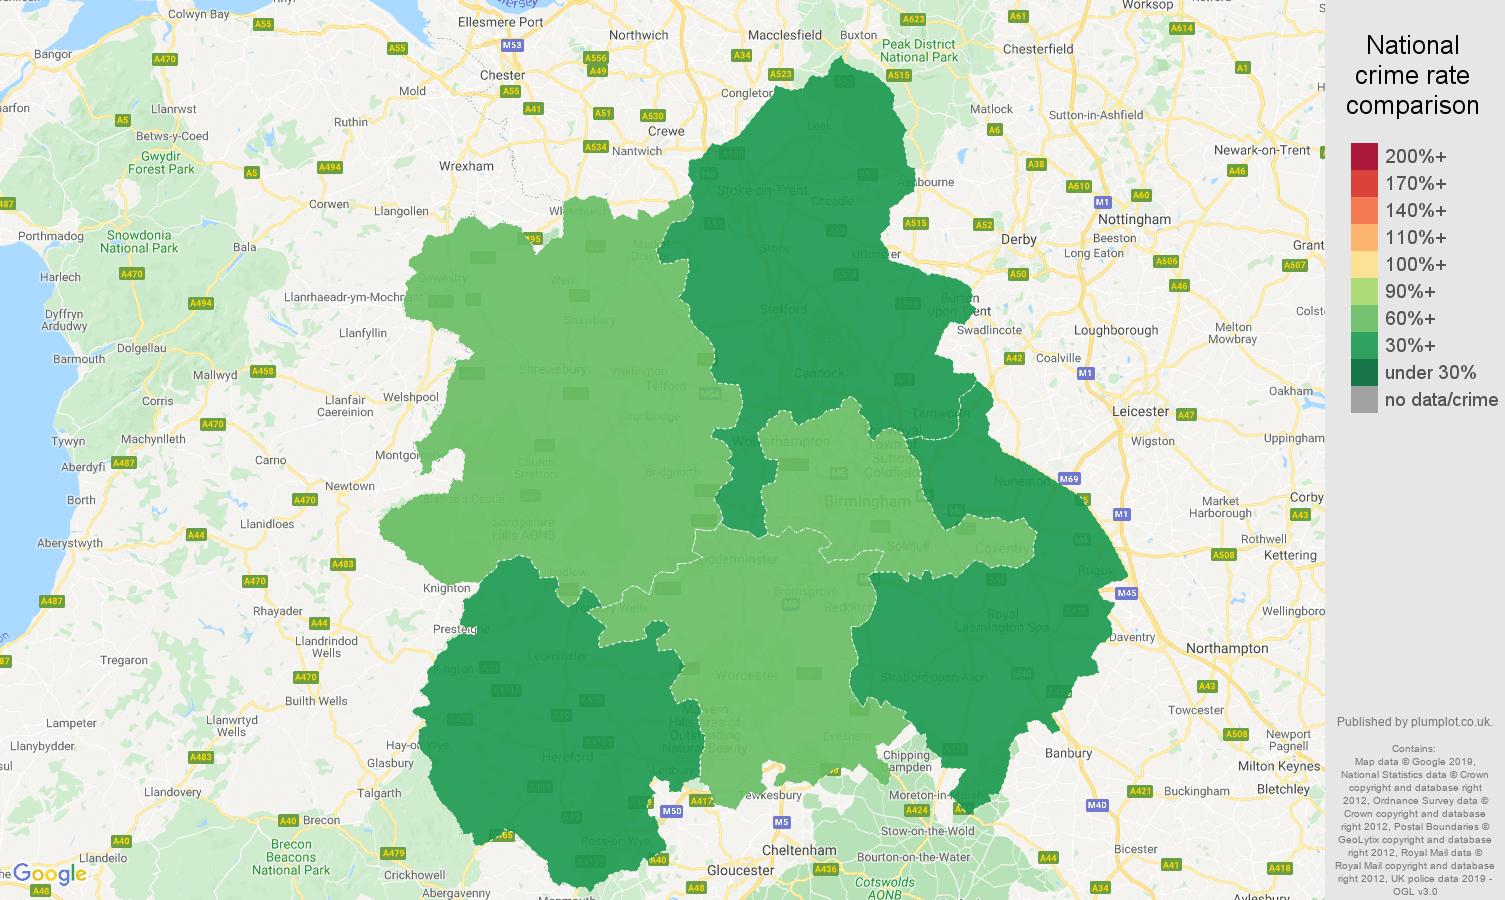 West Midlands public order crime rate comparison map